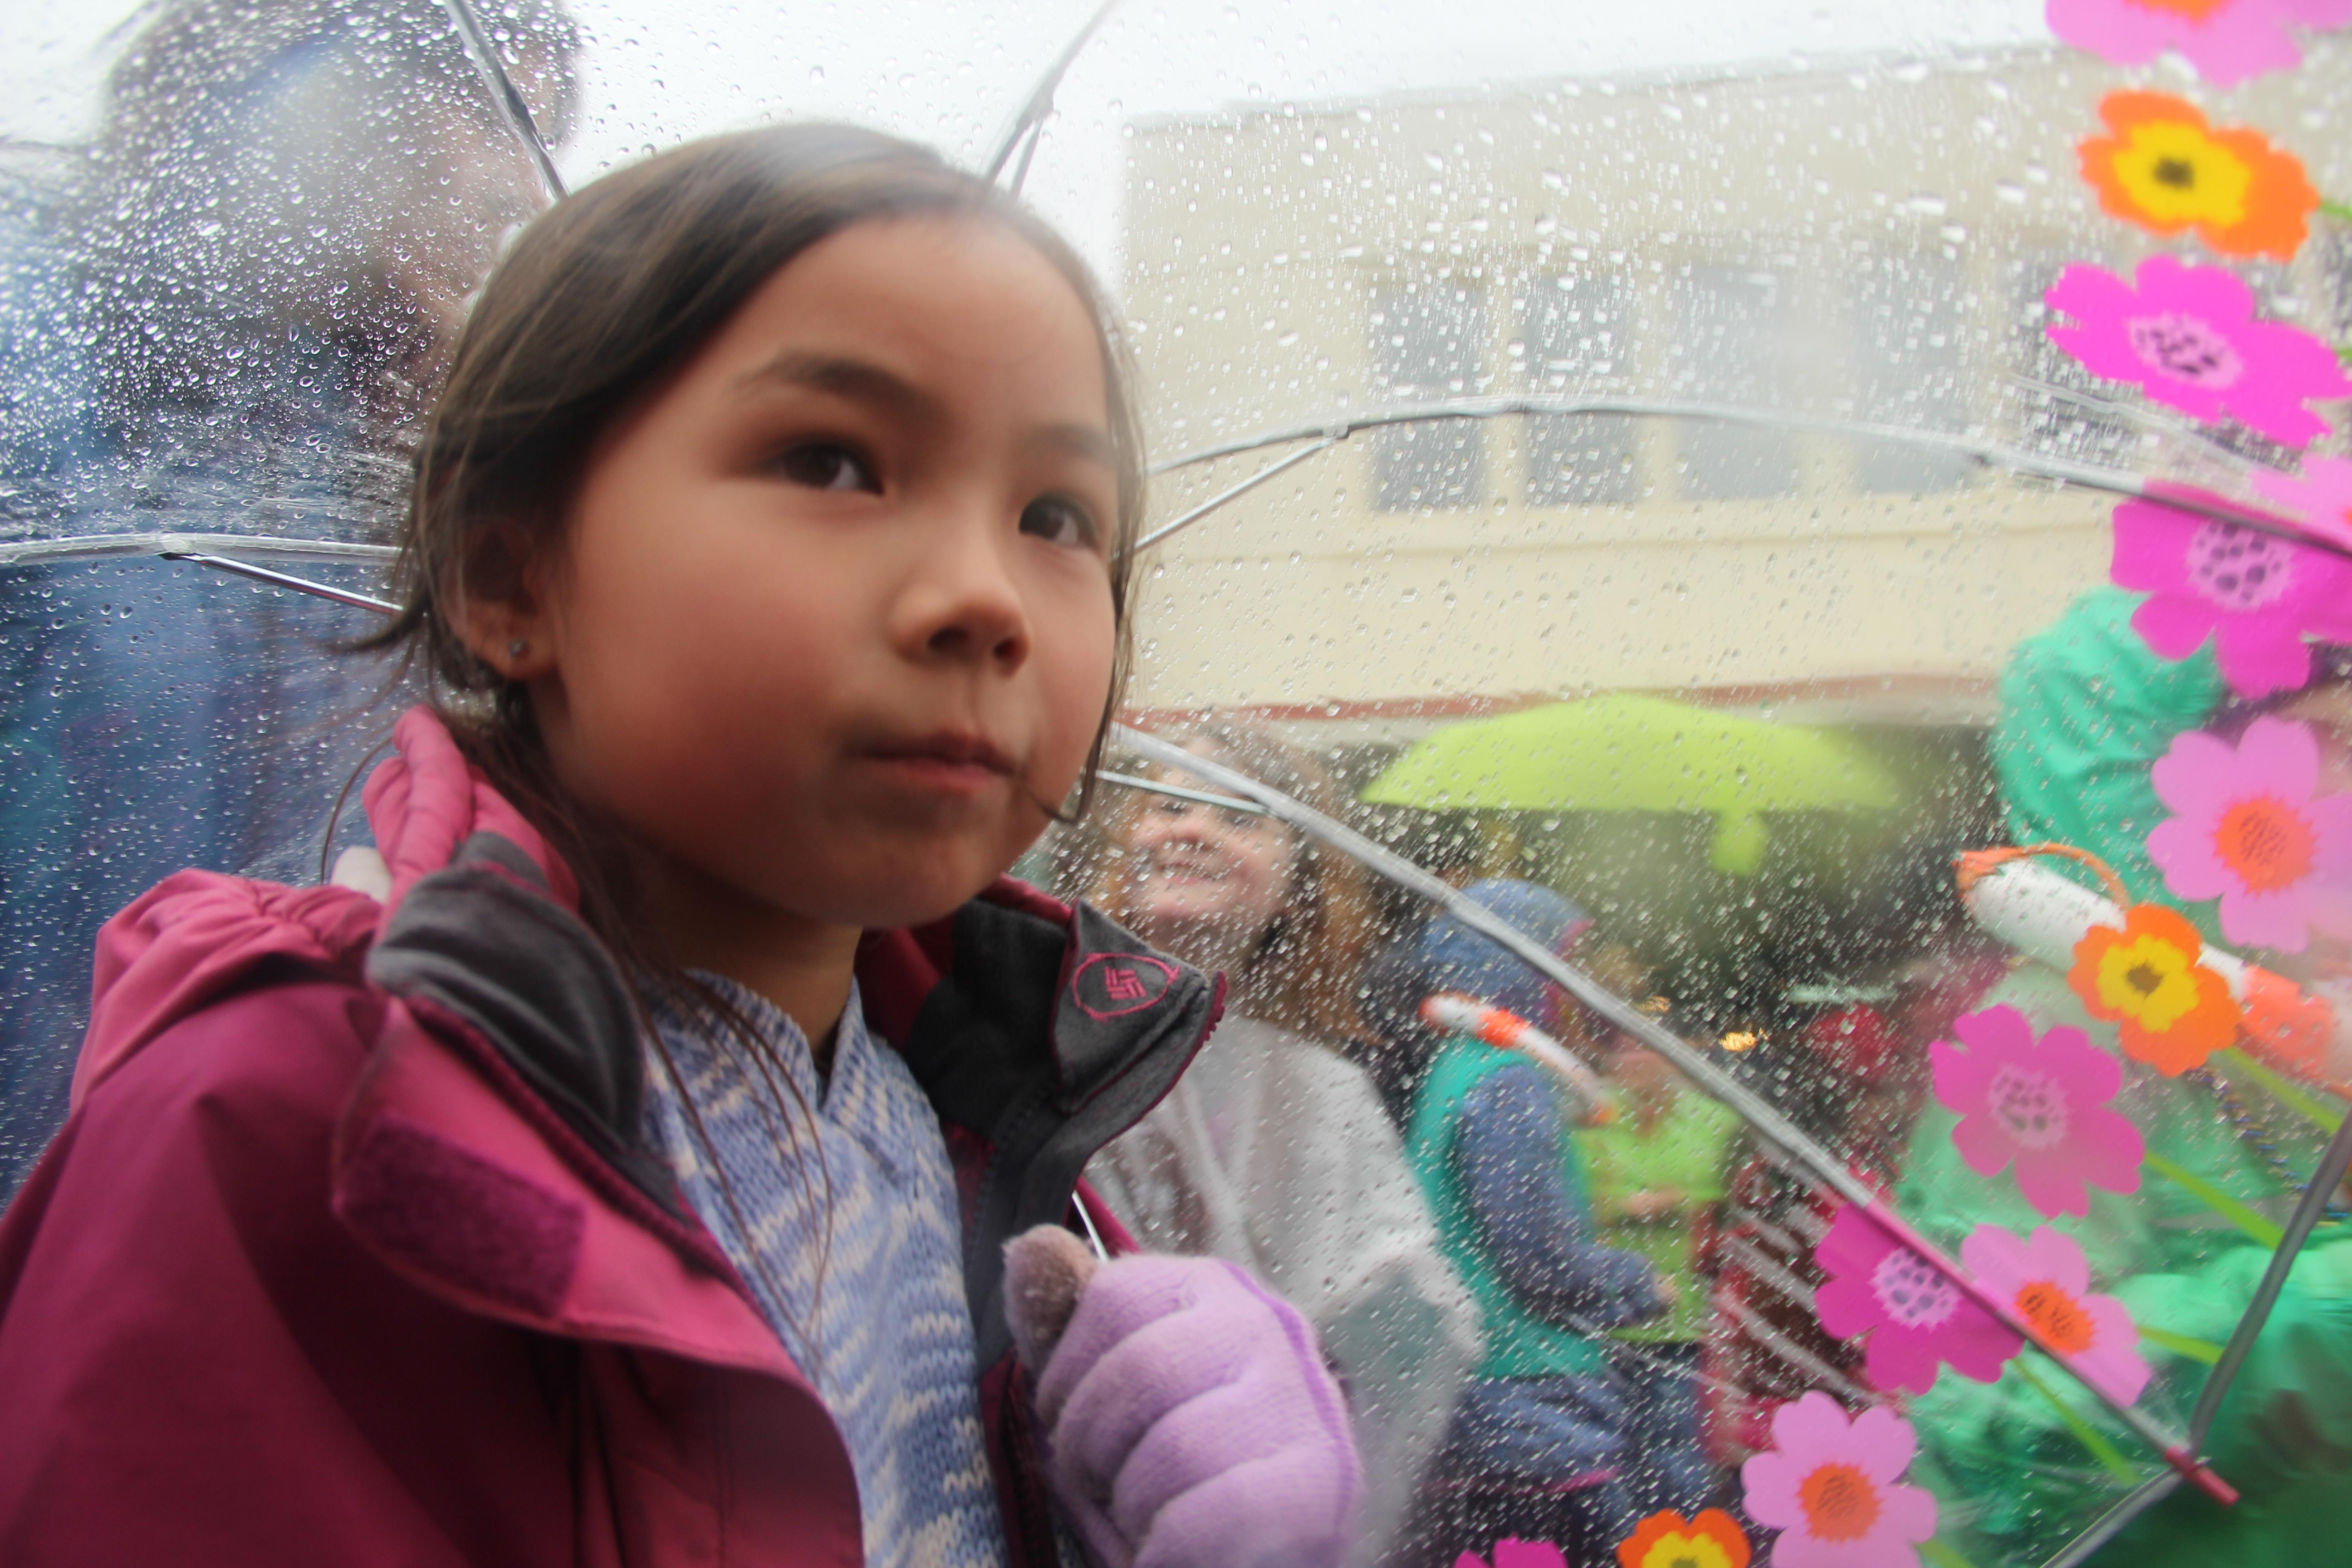 Wet Alaska Day does nothing to dampen spirits